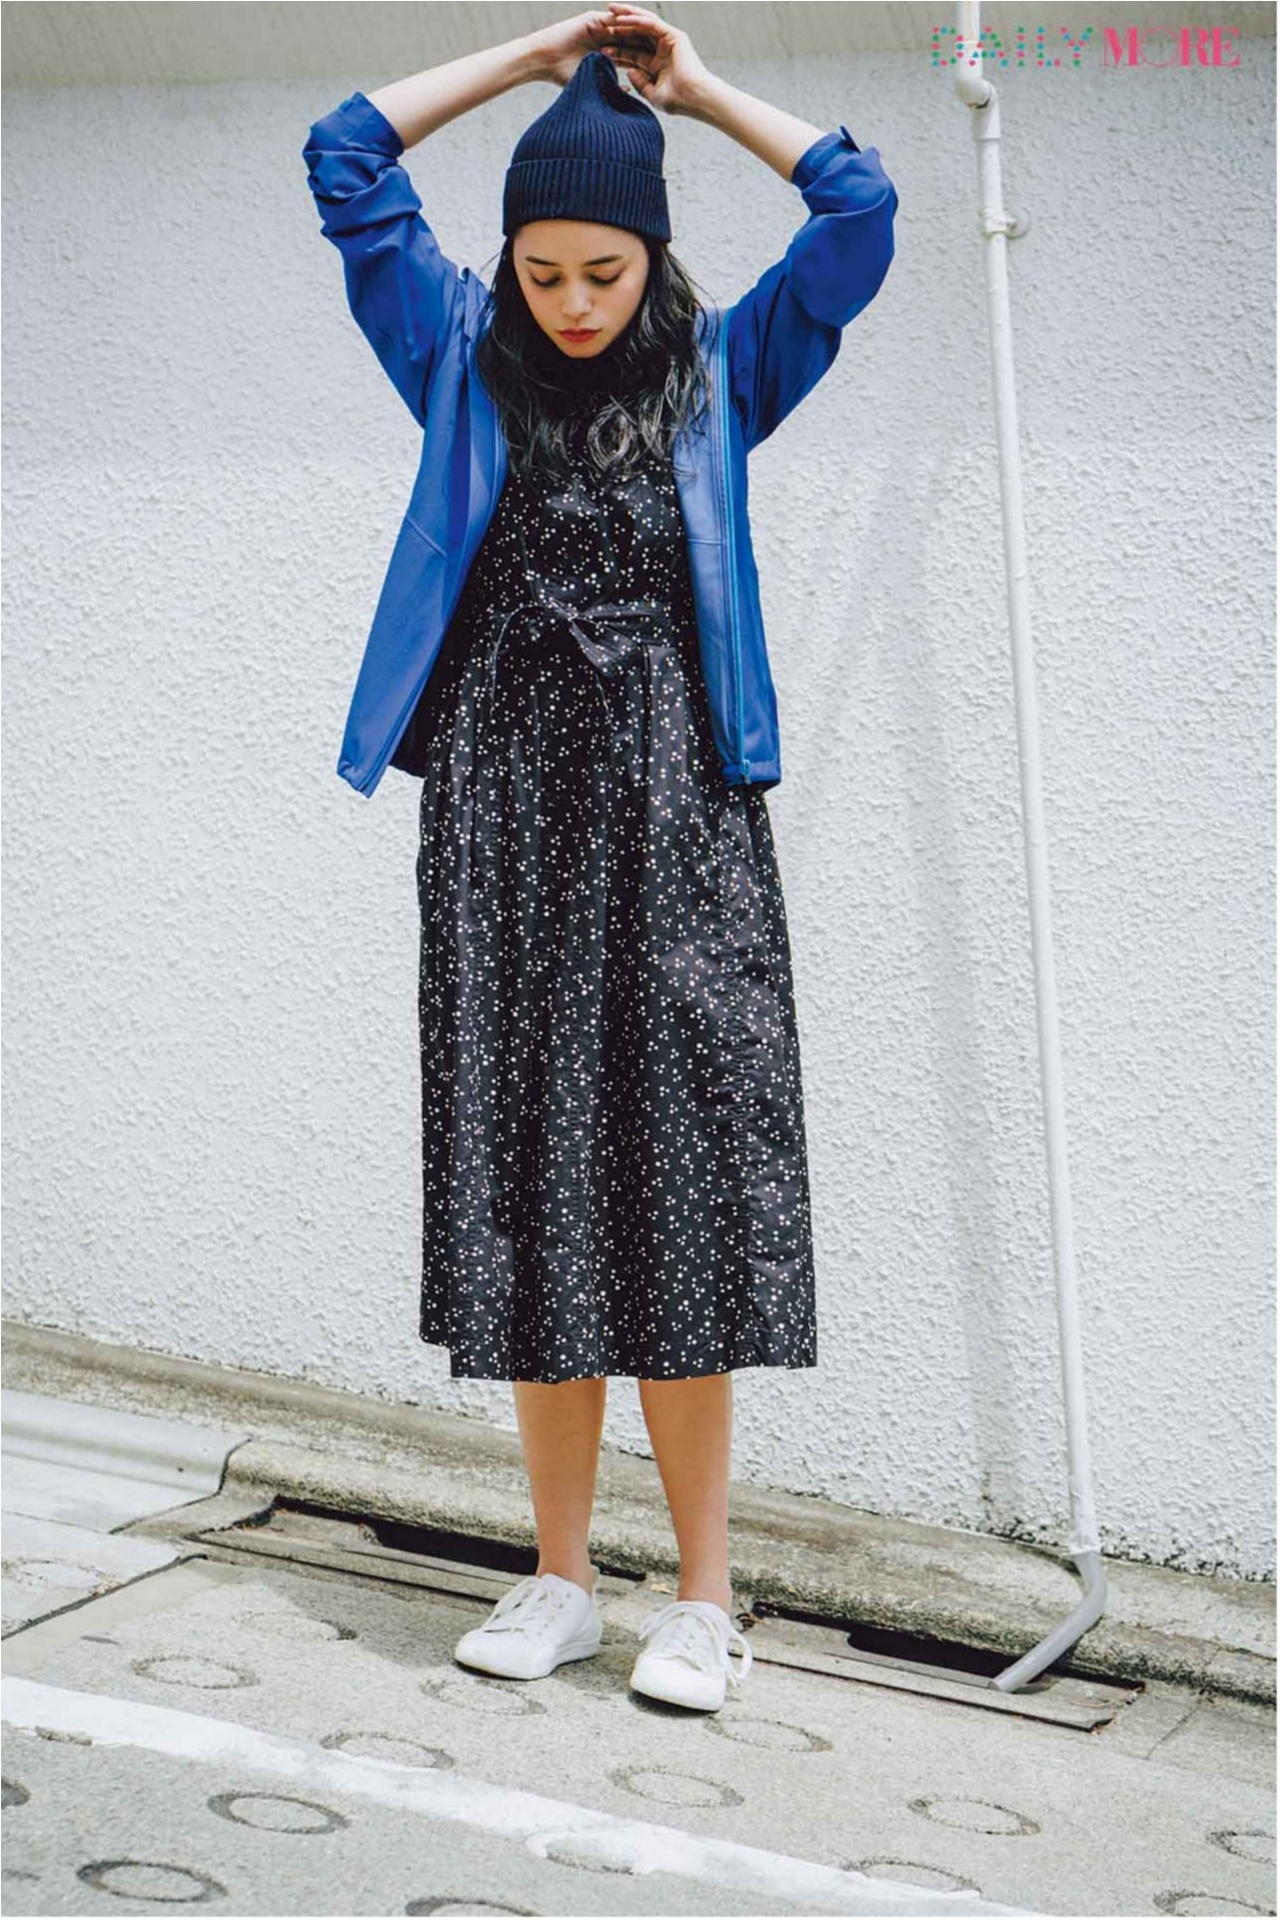 楽してかわいく夏らしく♪ 「サマードレス」コーデまとめ♡_1_16